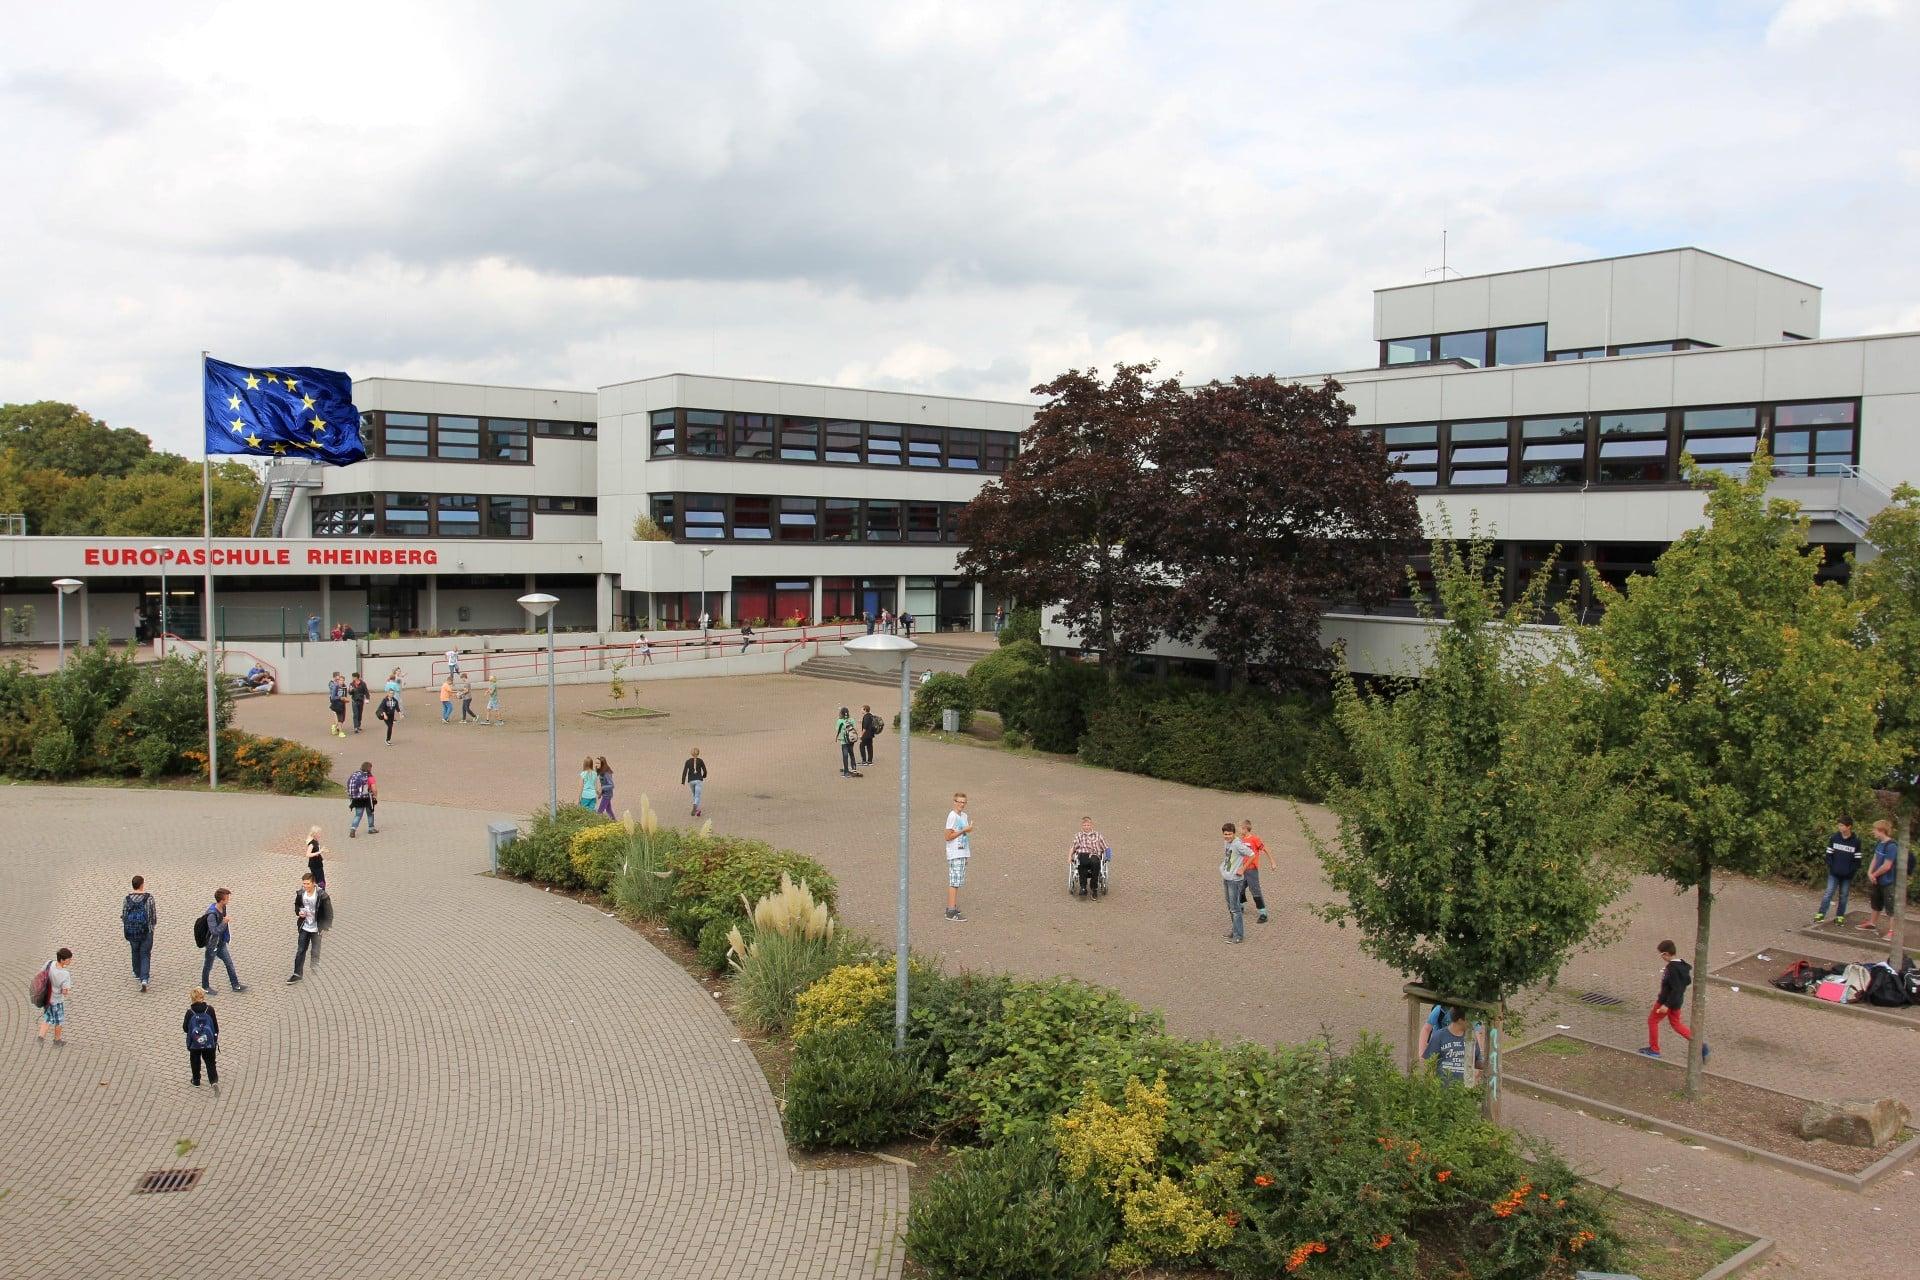 Europaschule Rheinberg